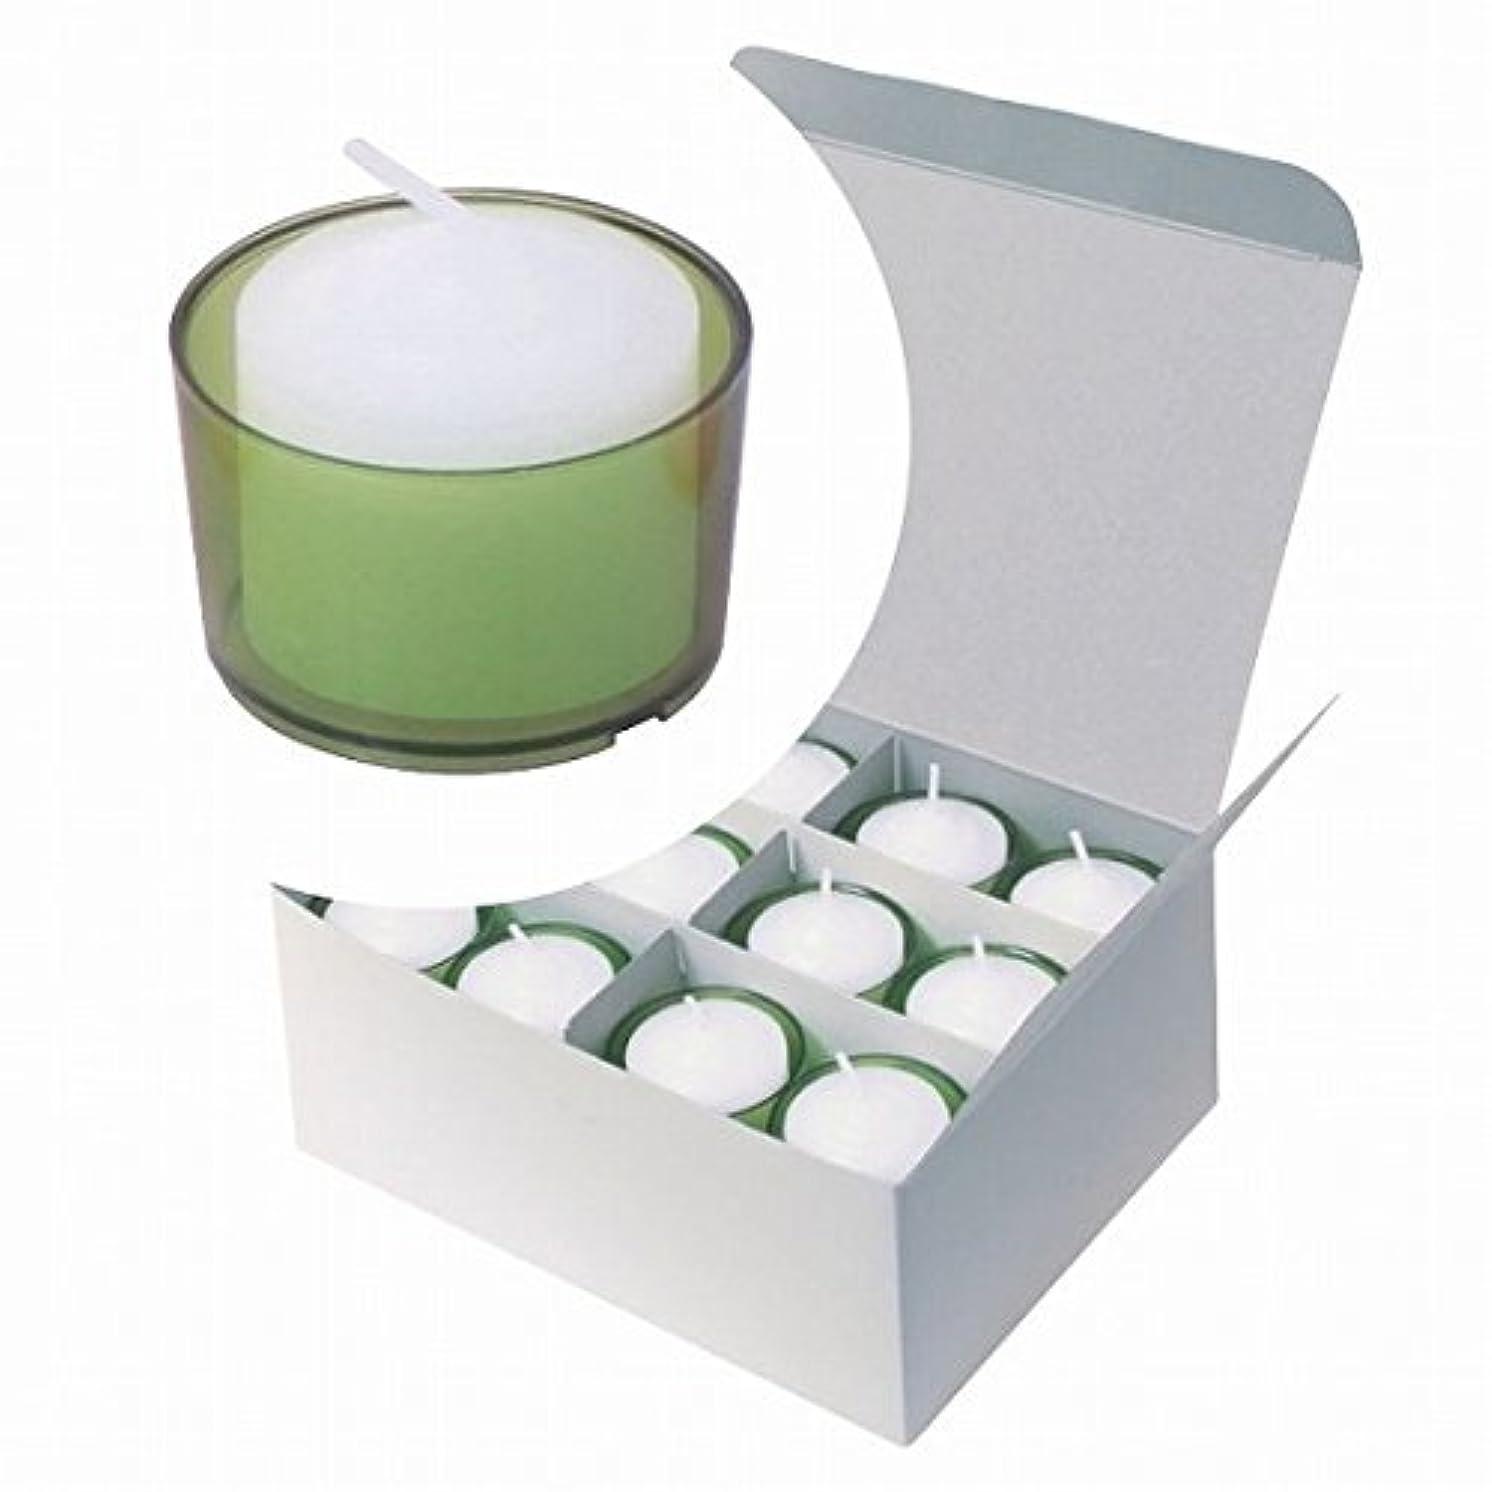 熟したポット叱るカメヤマキャンドル(kameyama candle) カラークリアカップボーティブ6時間タイプ 24個入り 「 グリーン 」